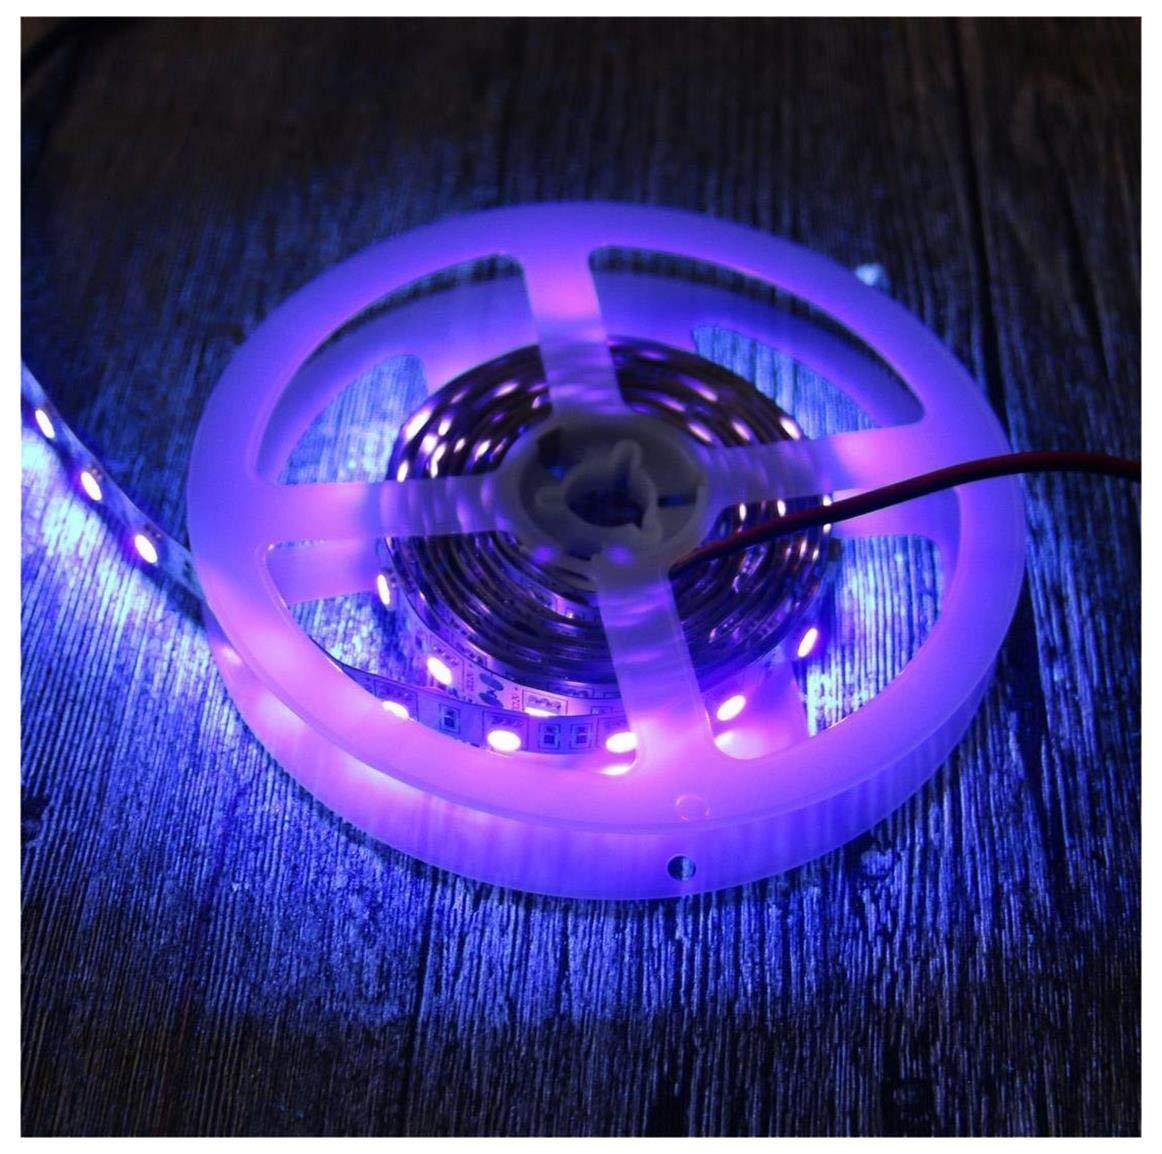 AMARS Black Lights LED Strip, DC12V 24W 5050 SMD 2M/6 6FT 390nm-405nm  Flexible Blacklights Fixture